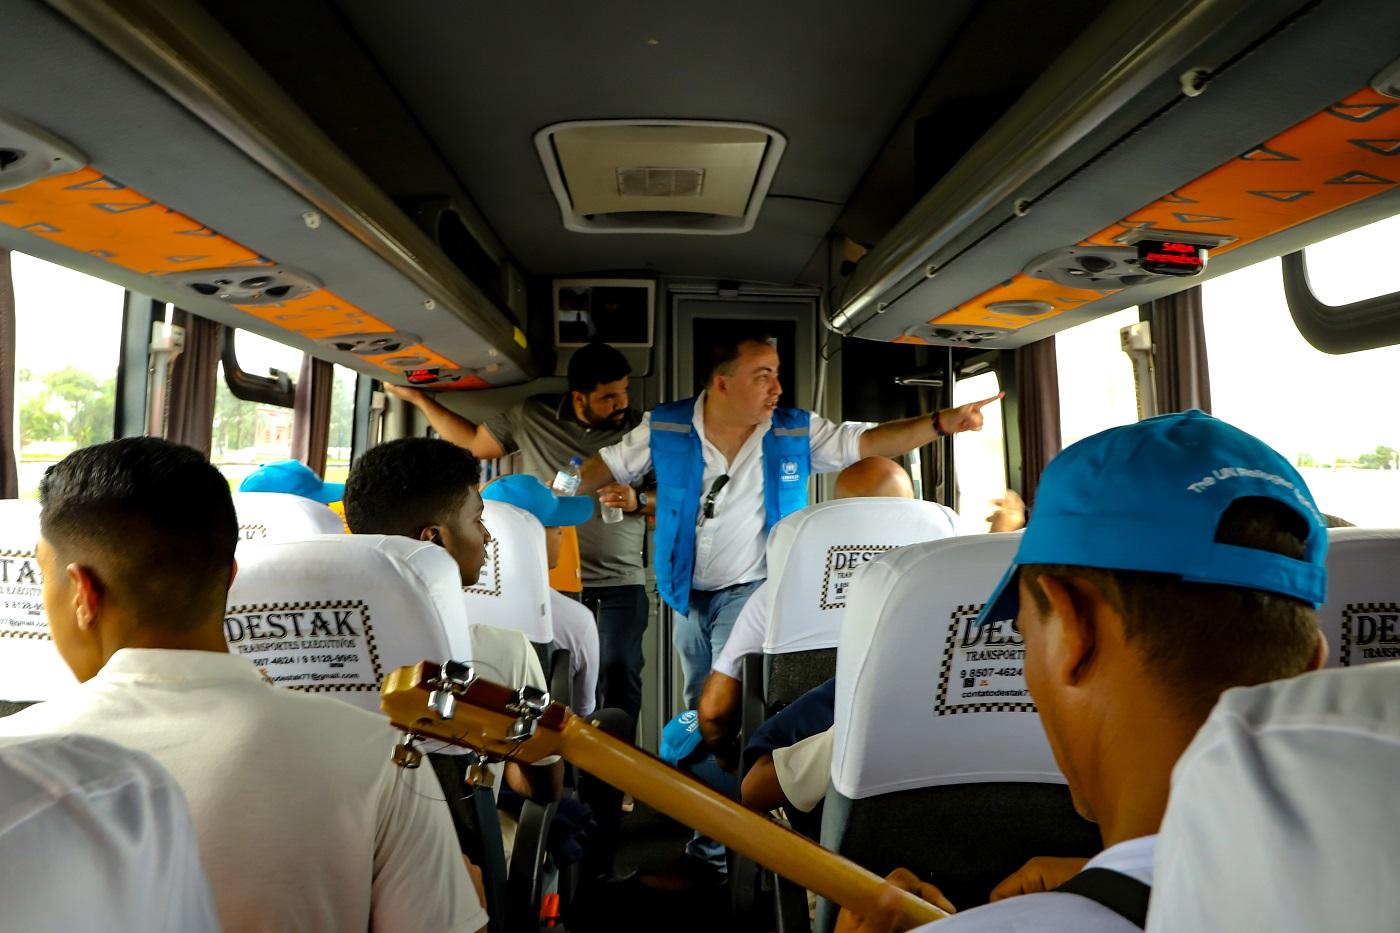 Jose Egas, Representante do ACNUR no Brasil, atuando como guia turístico para os Canarinhos da Amazônia